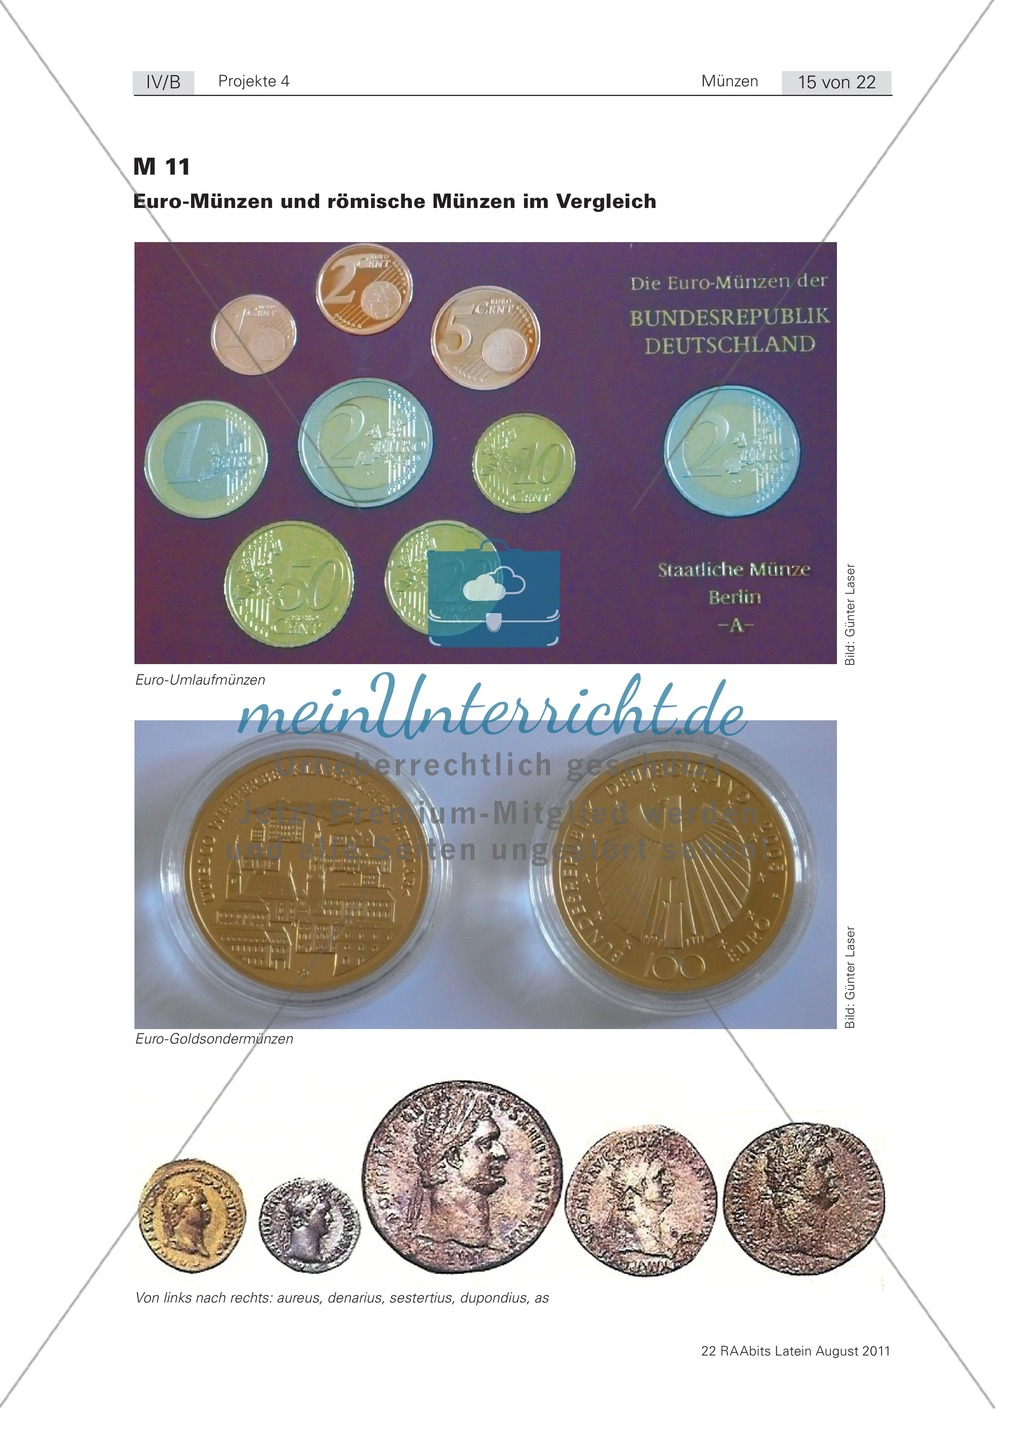 Gestaltung einer eigenen römischen Münze sowie Euro-Münze und römische Münze im Vergleich. Mit Informationstext zur Münzherstellung, Bildern und didaktischen Anmerkungen. Preview 2